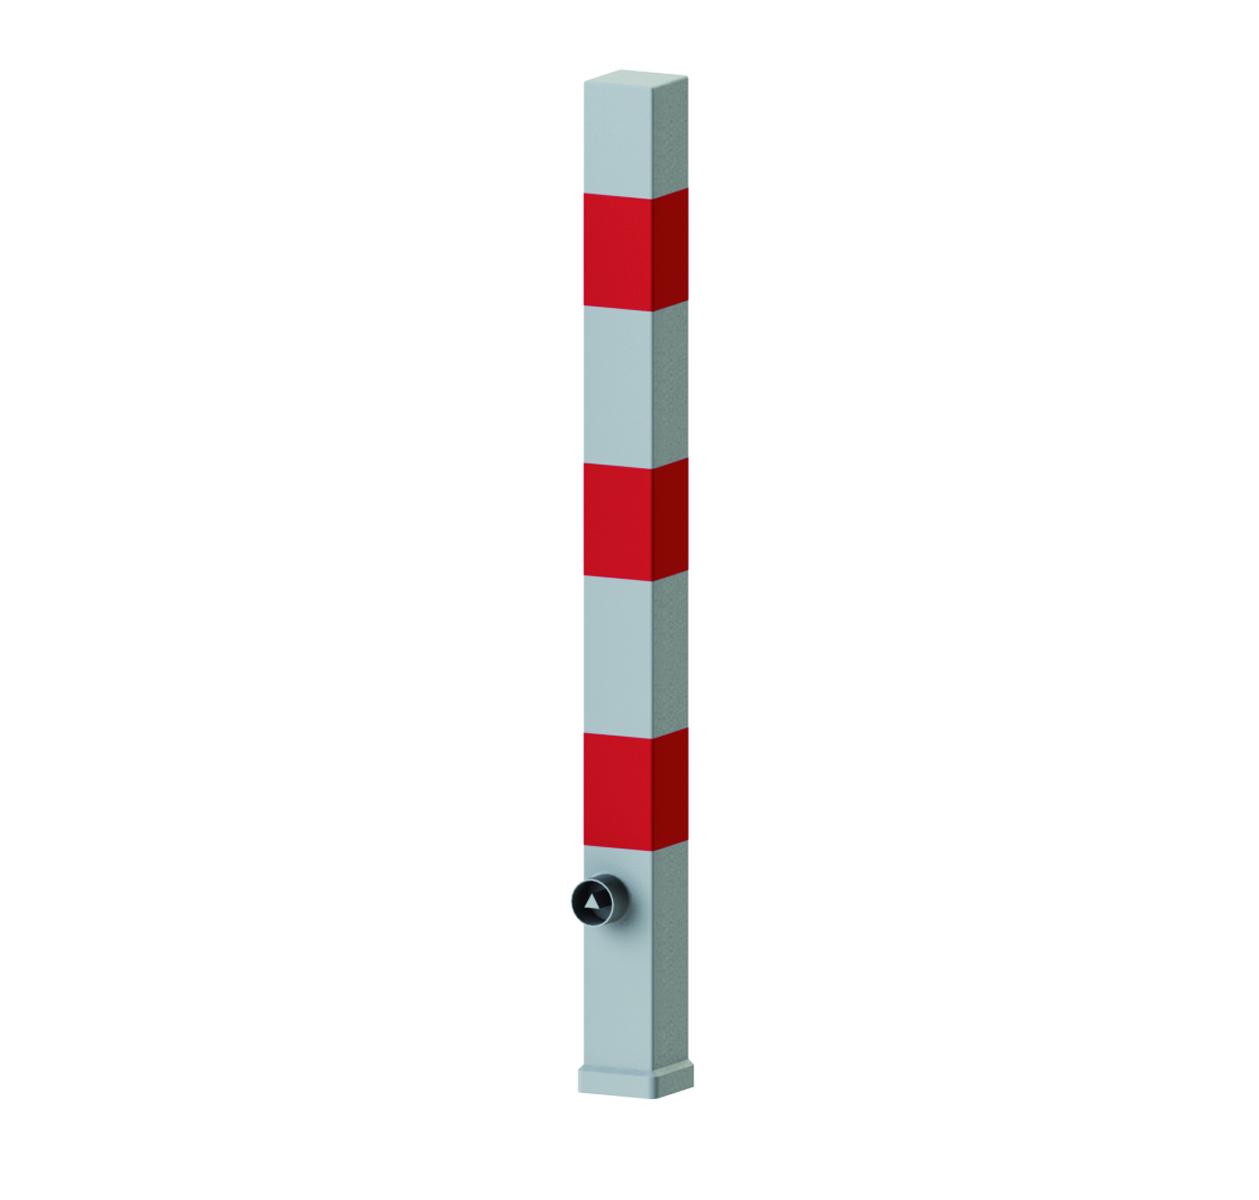 Prix sur demande - Potelet anti stationnement ...